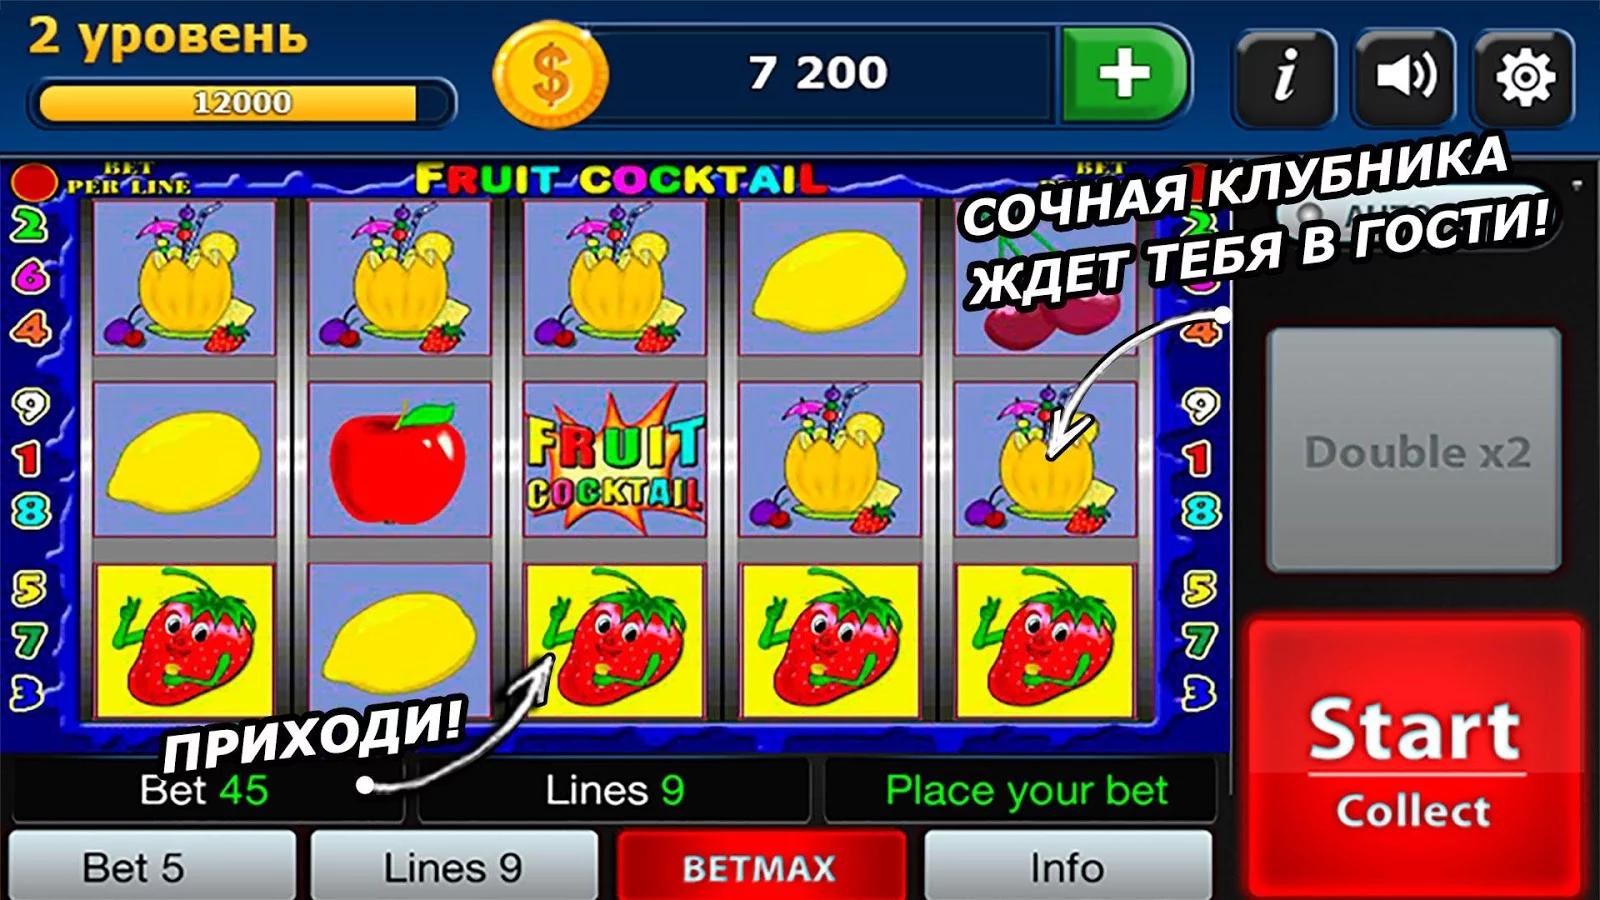 игровые автоматы казино kazino vulkan